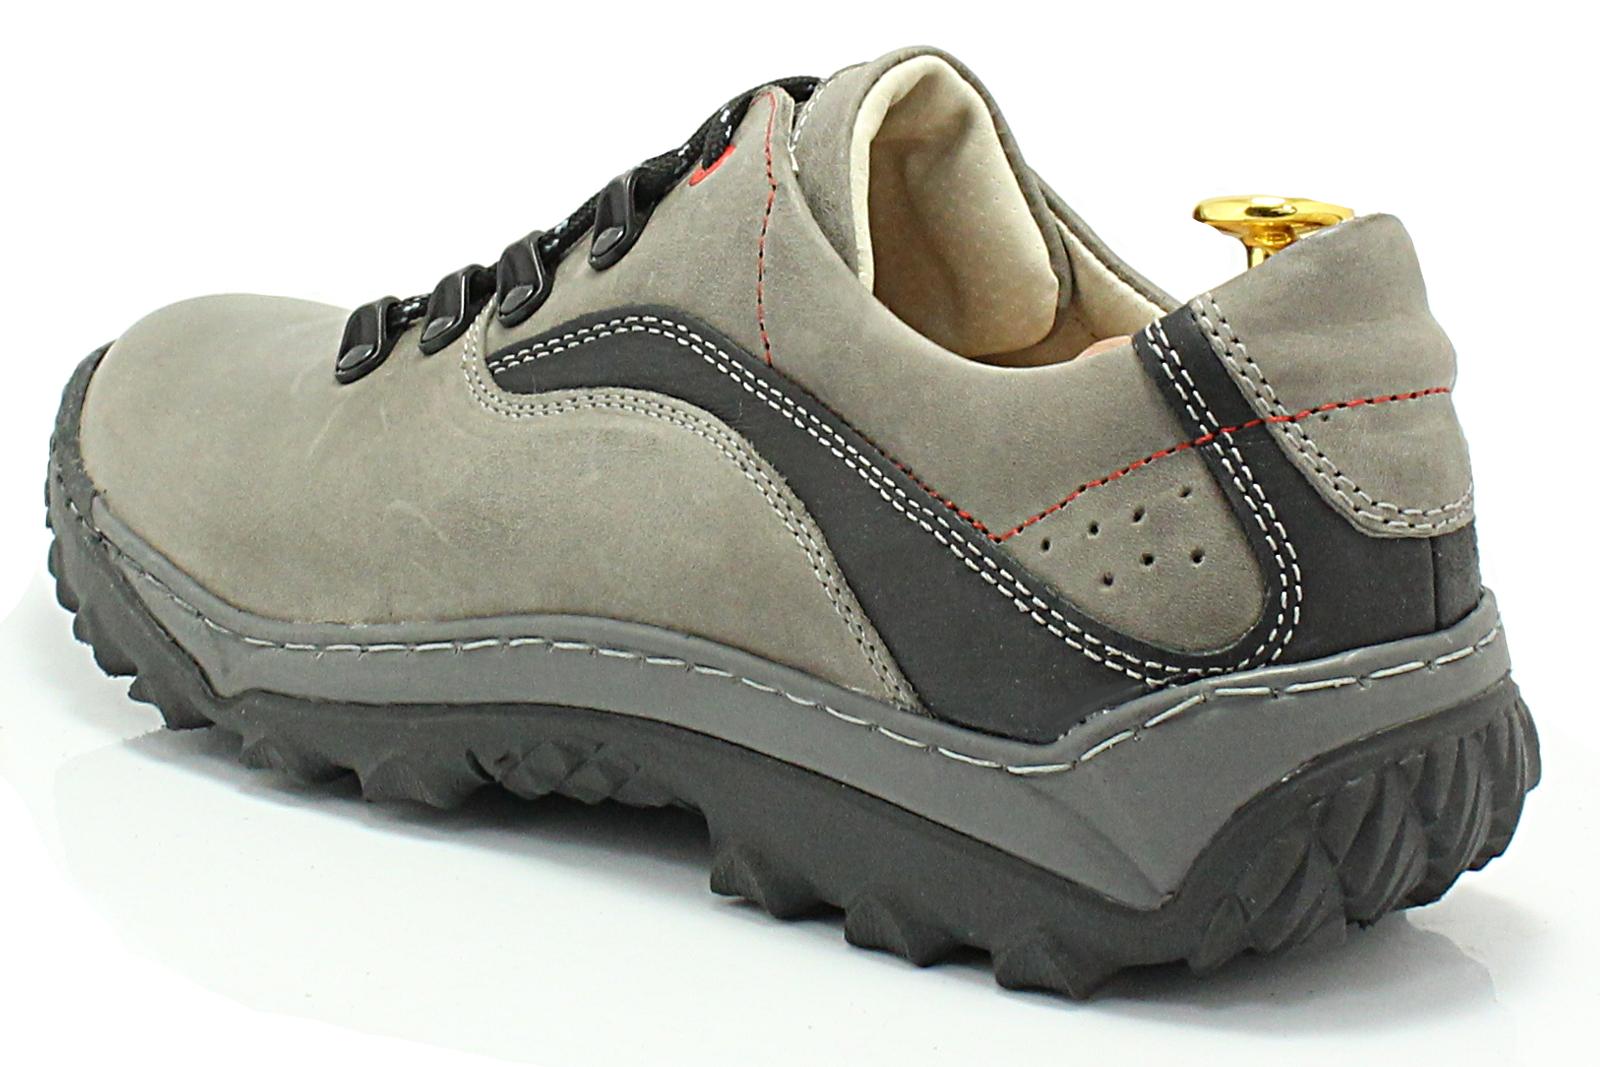 65b8e41c KENT 268 SZARY - Polskie solidne buty trekkingowe ze skóry naturalnej